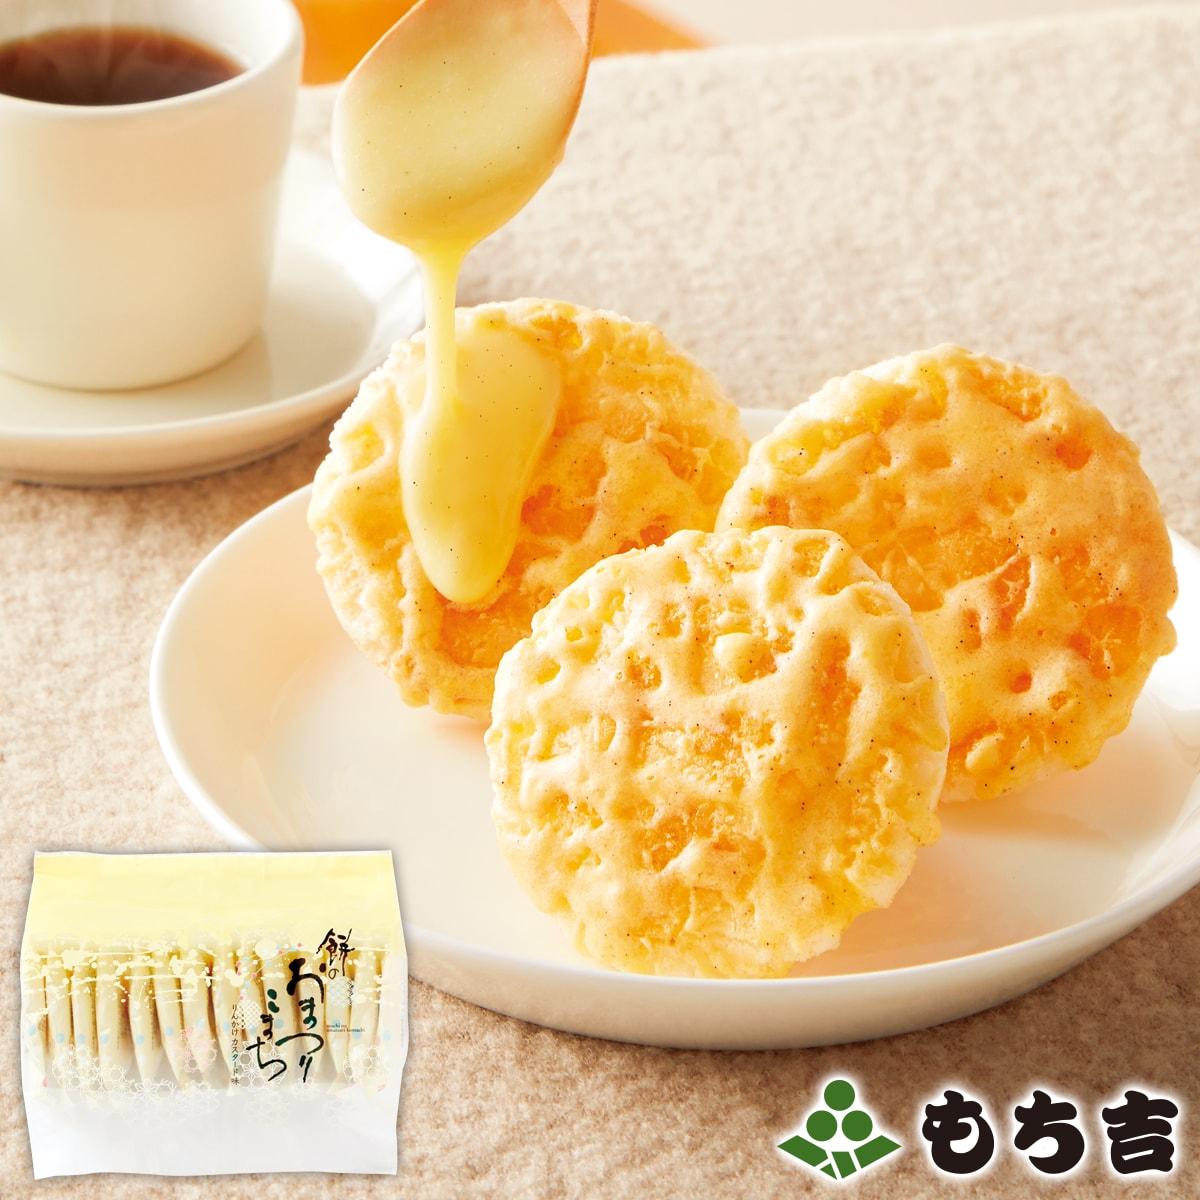 (※期日指定2月28日まで)もち吉 餅のおまつりこまち りんかけカスタード味 詰替パック 国産米100% 14枚